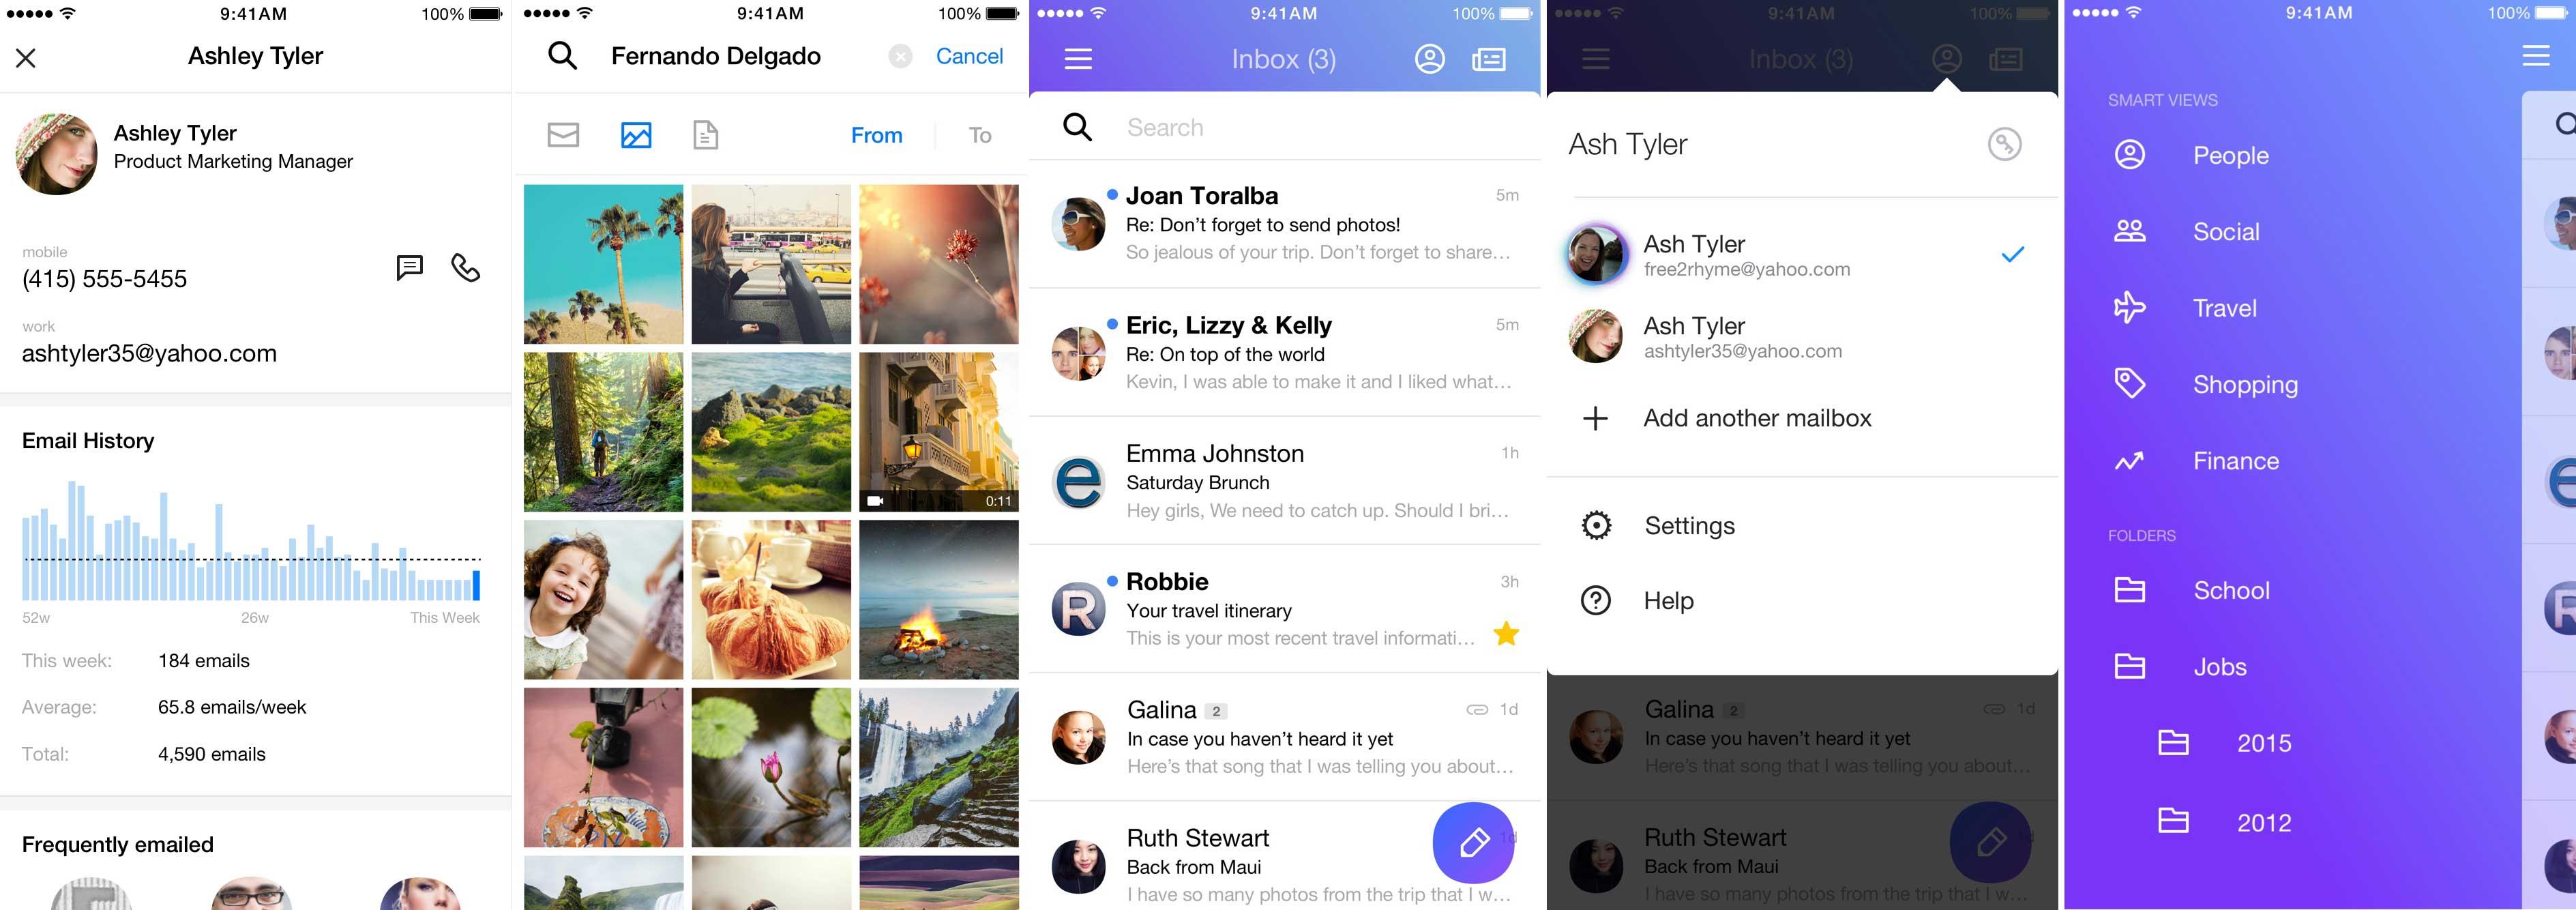 Yahoo Mail's iOS app